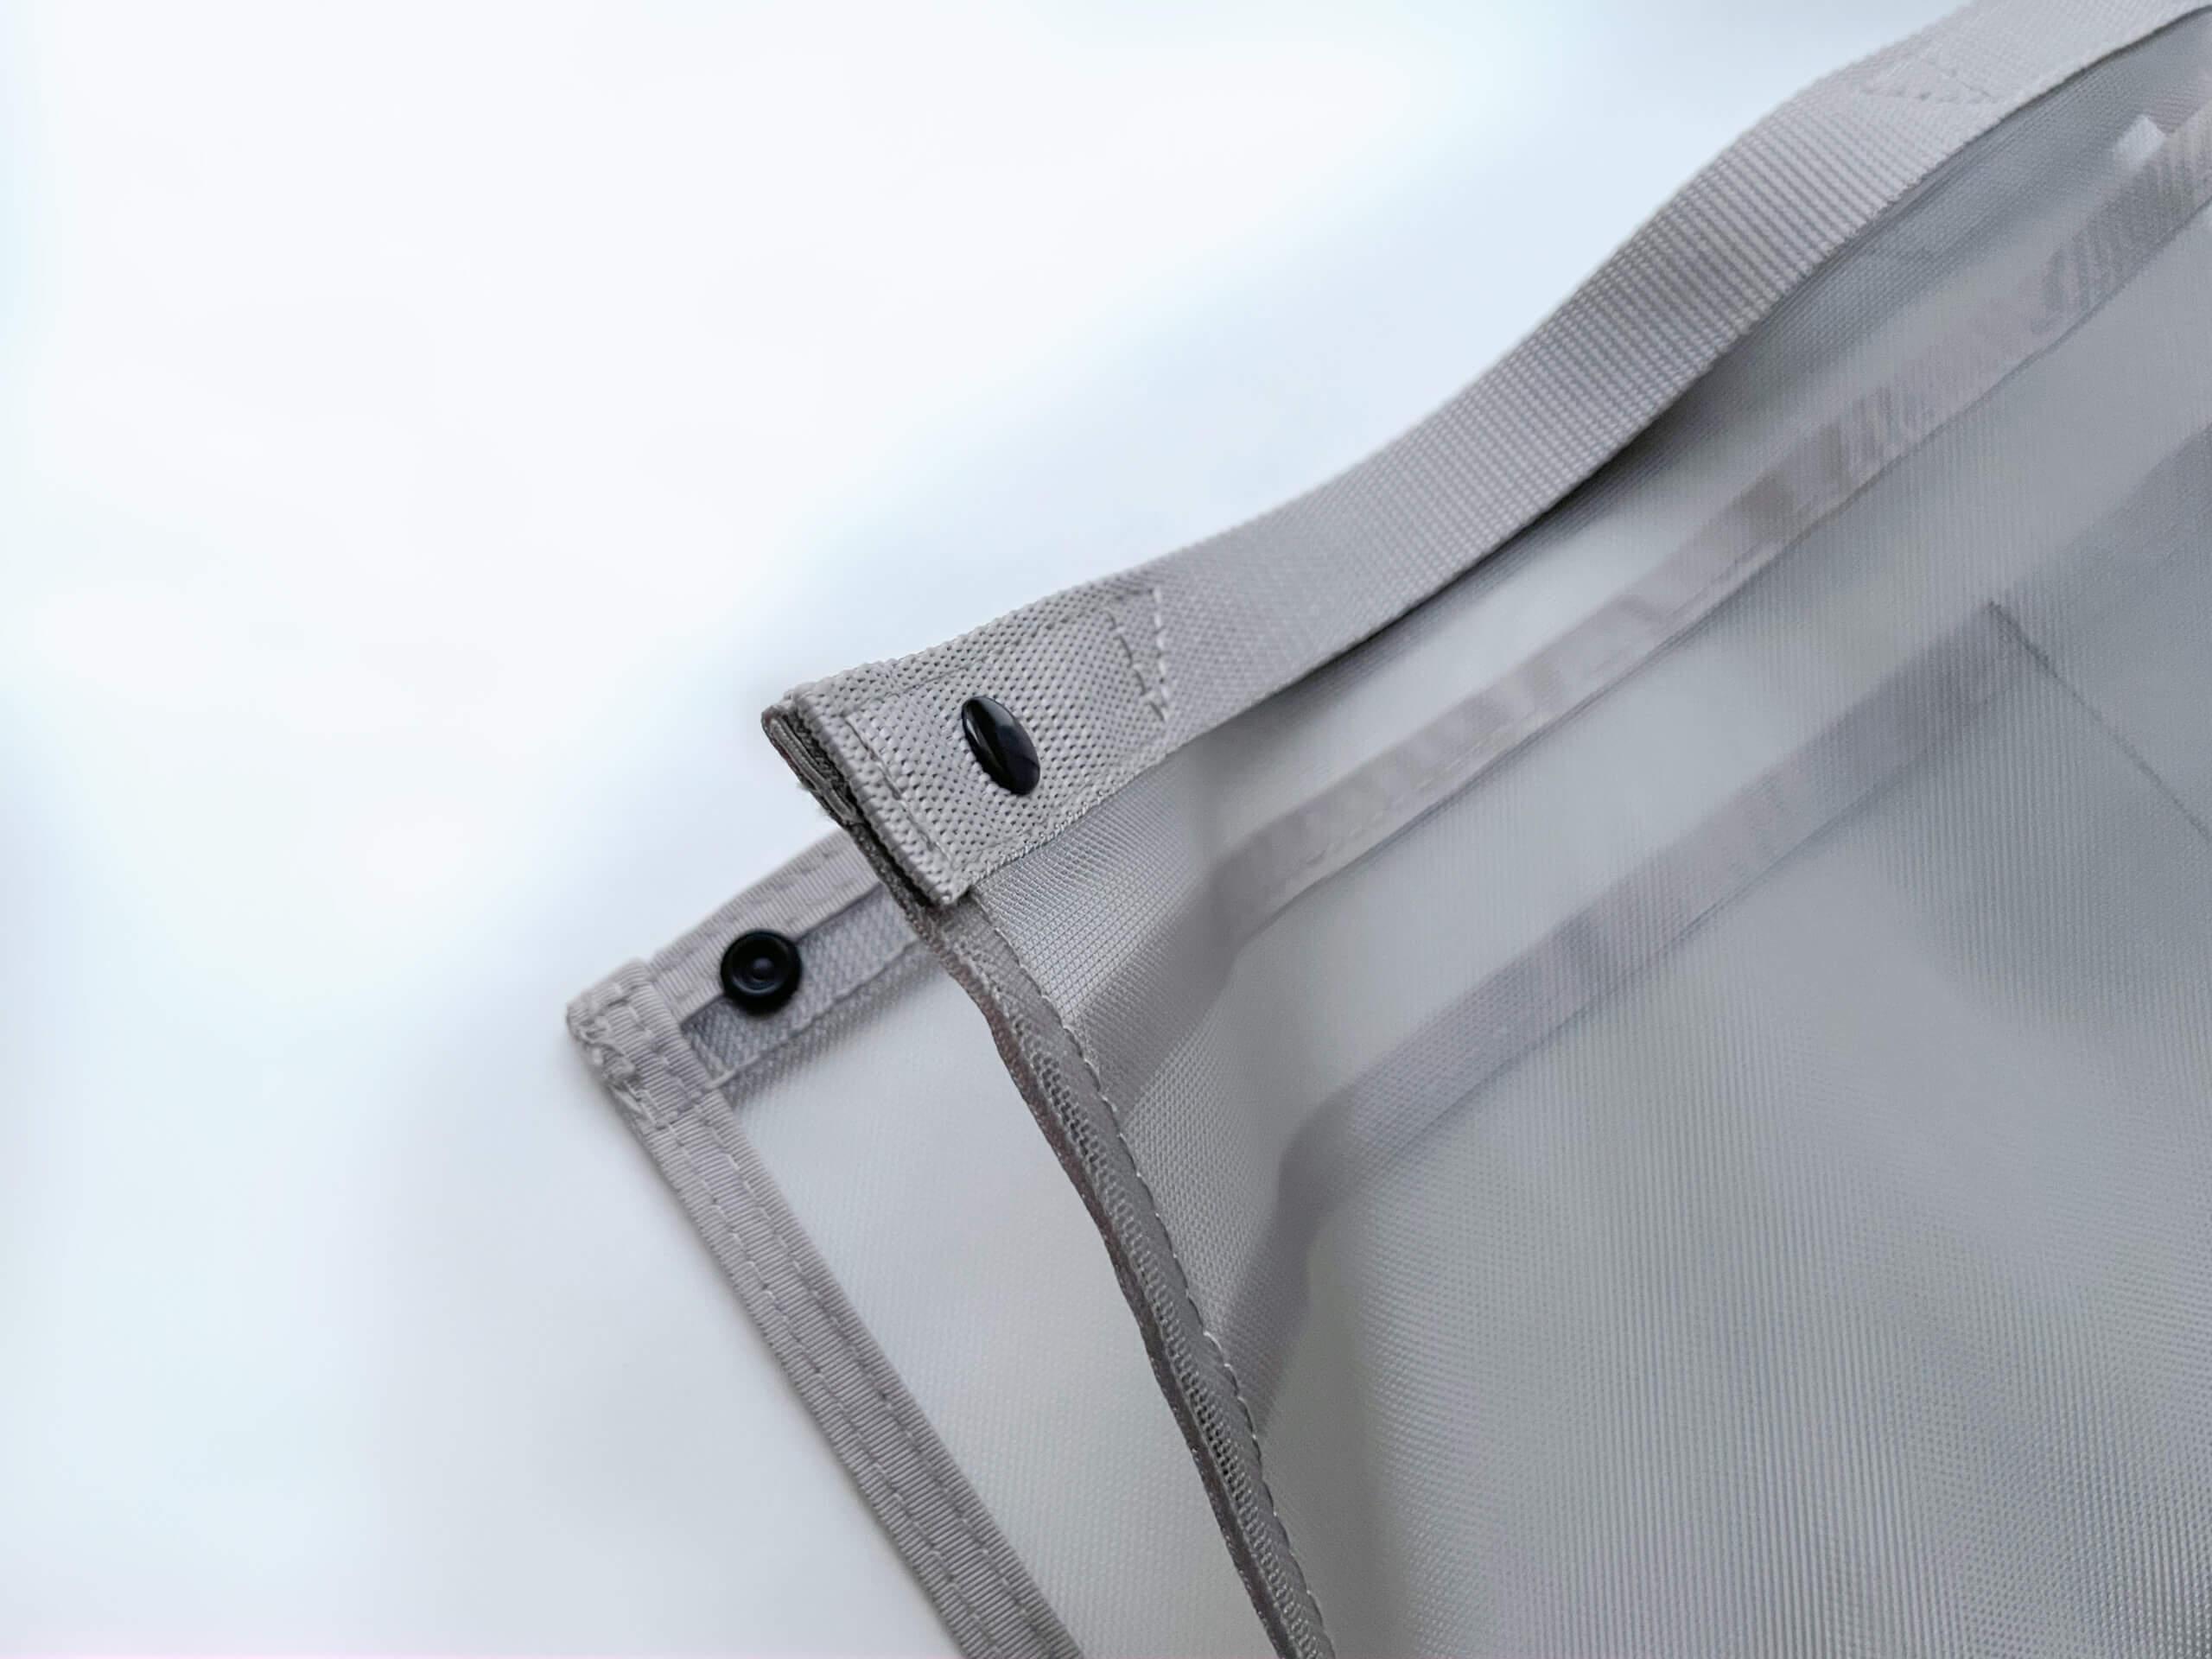 無印良品 ナイロンメッシュバッグインバッグ タテ型 縦型